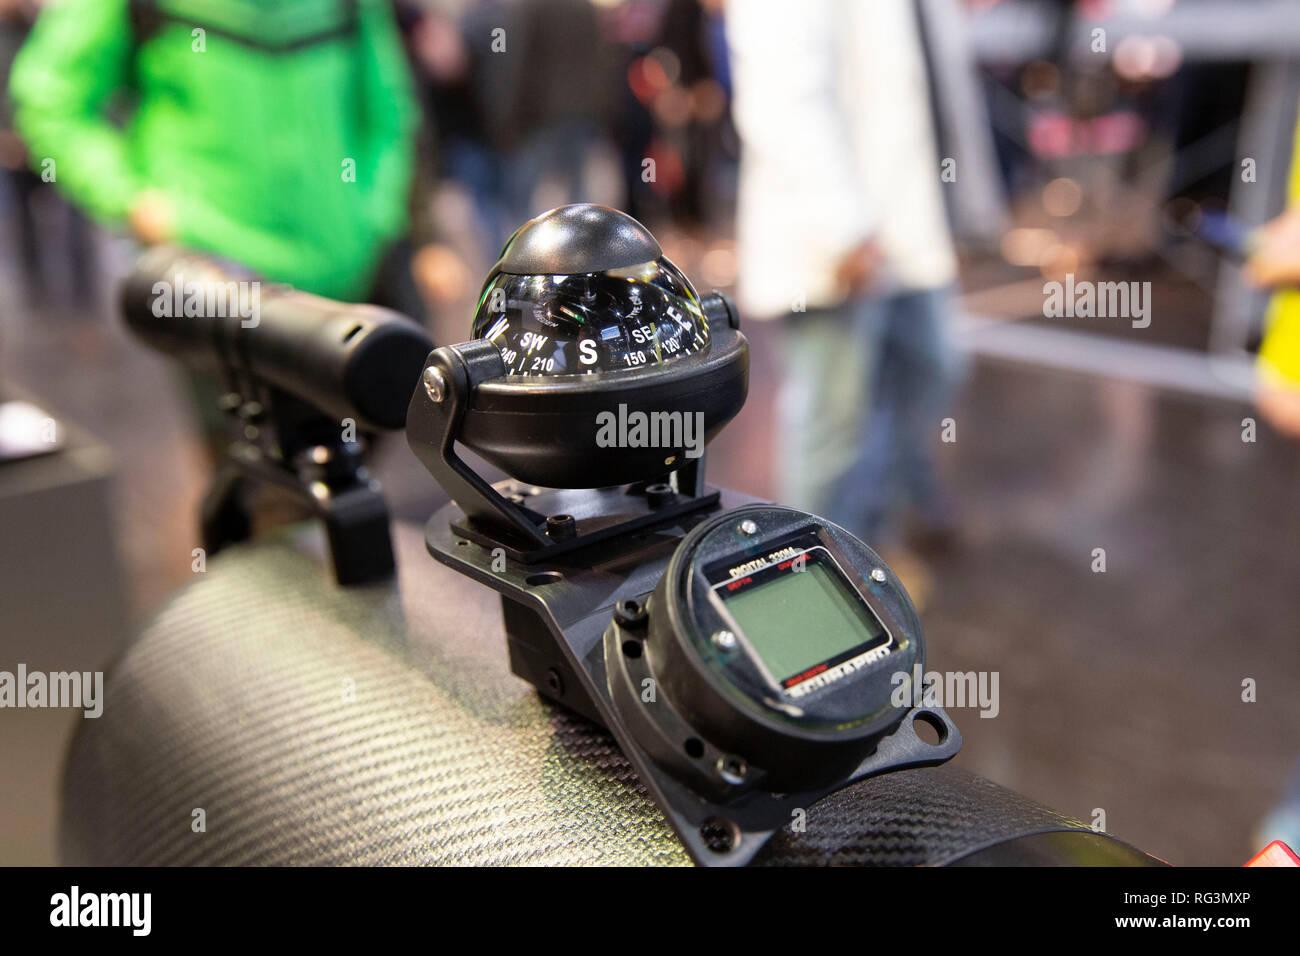 Unterwasser-Scooter auf der 50. Wassersportmesse 'boot', Düsseldorf, 18.01.2019 Foto de stock